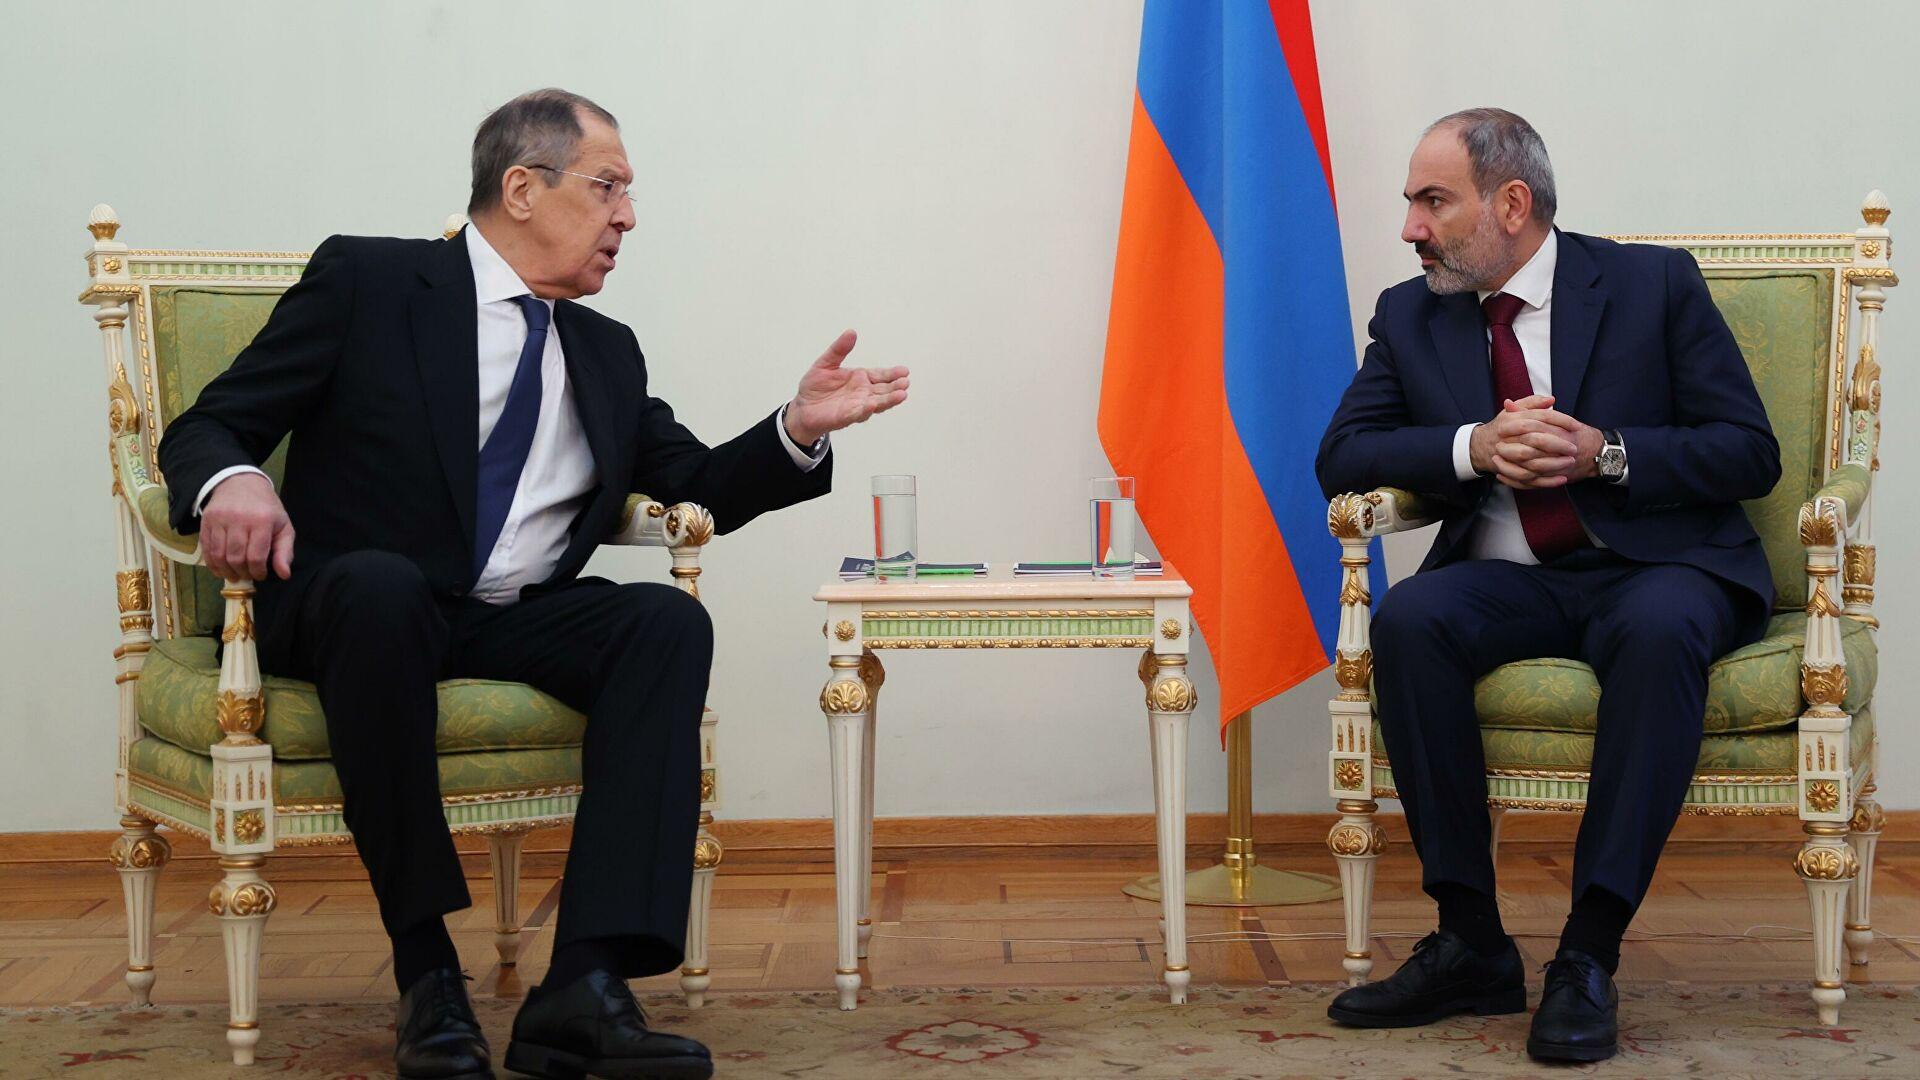 Лавров: Јерменија у потпуности привржена реализацији трилатералног споразума